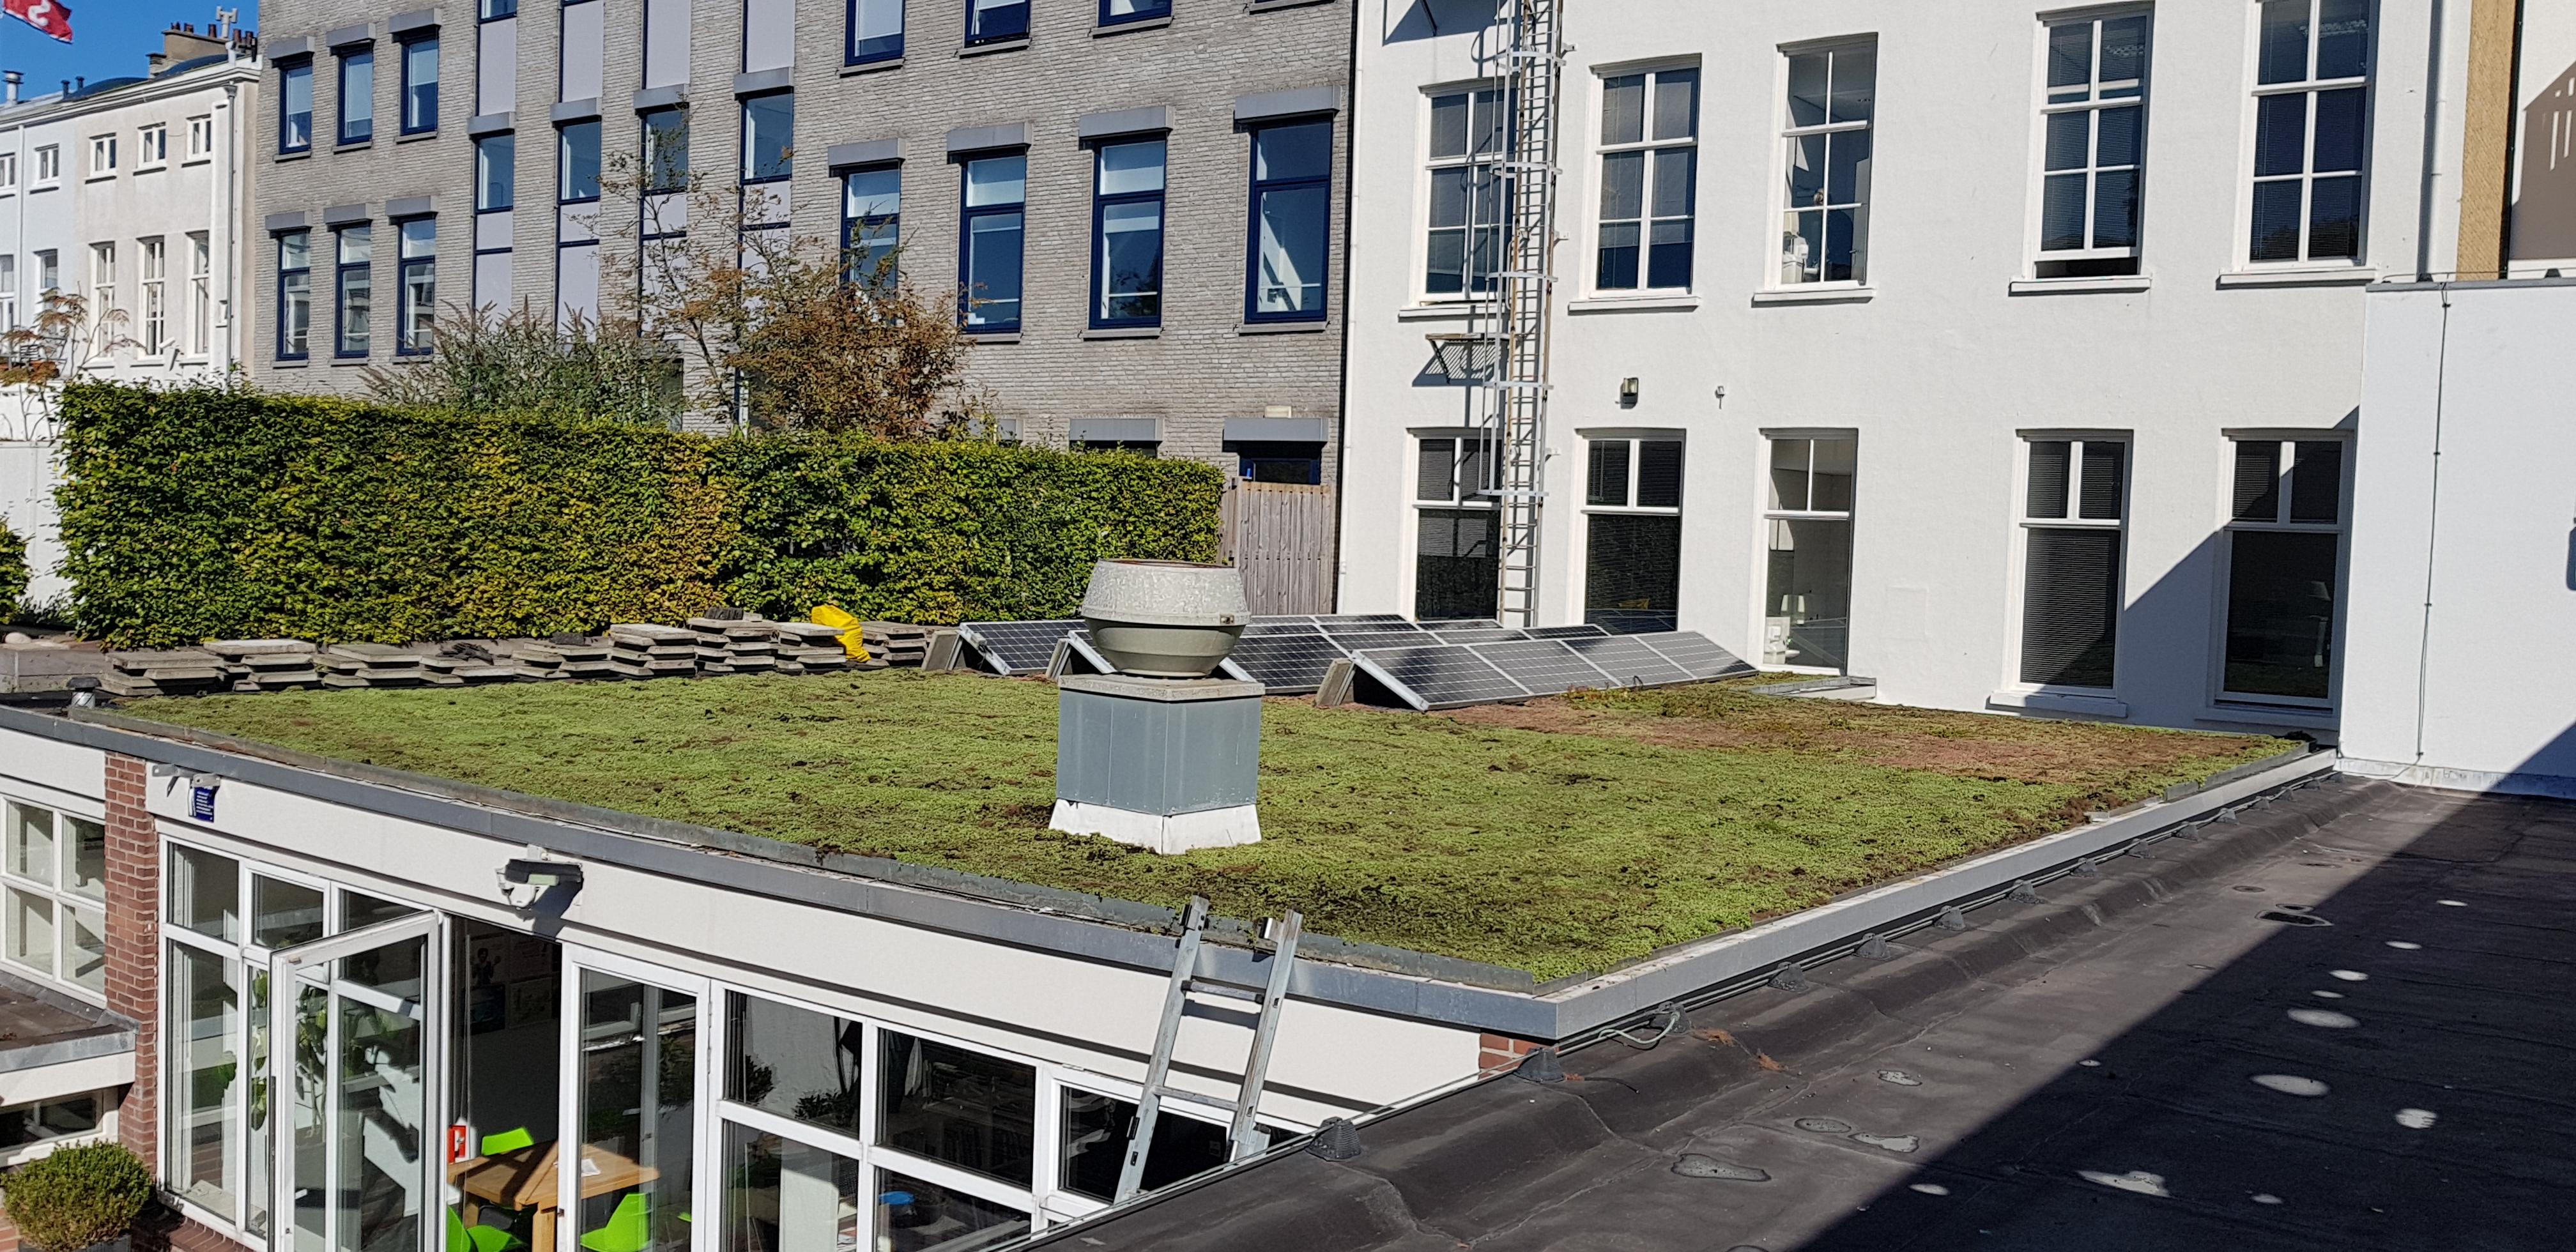 Groen dak, Den Haag